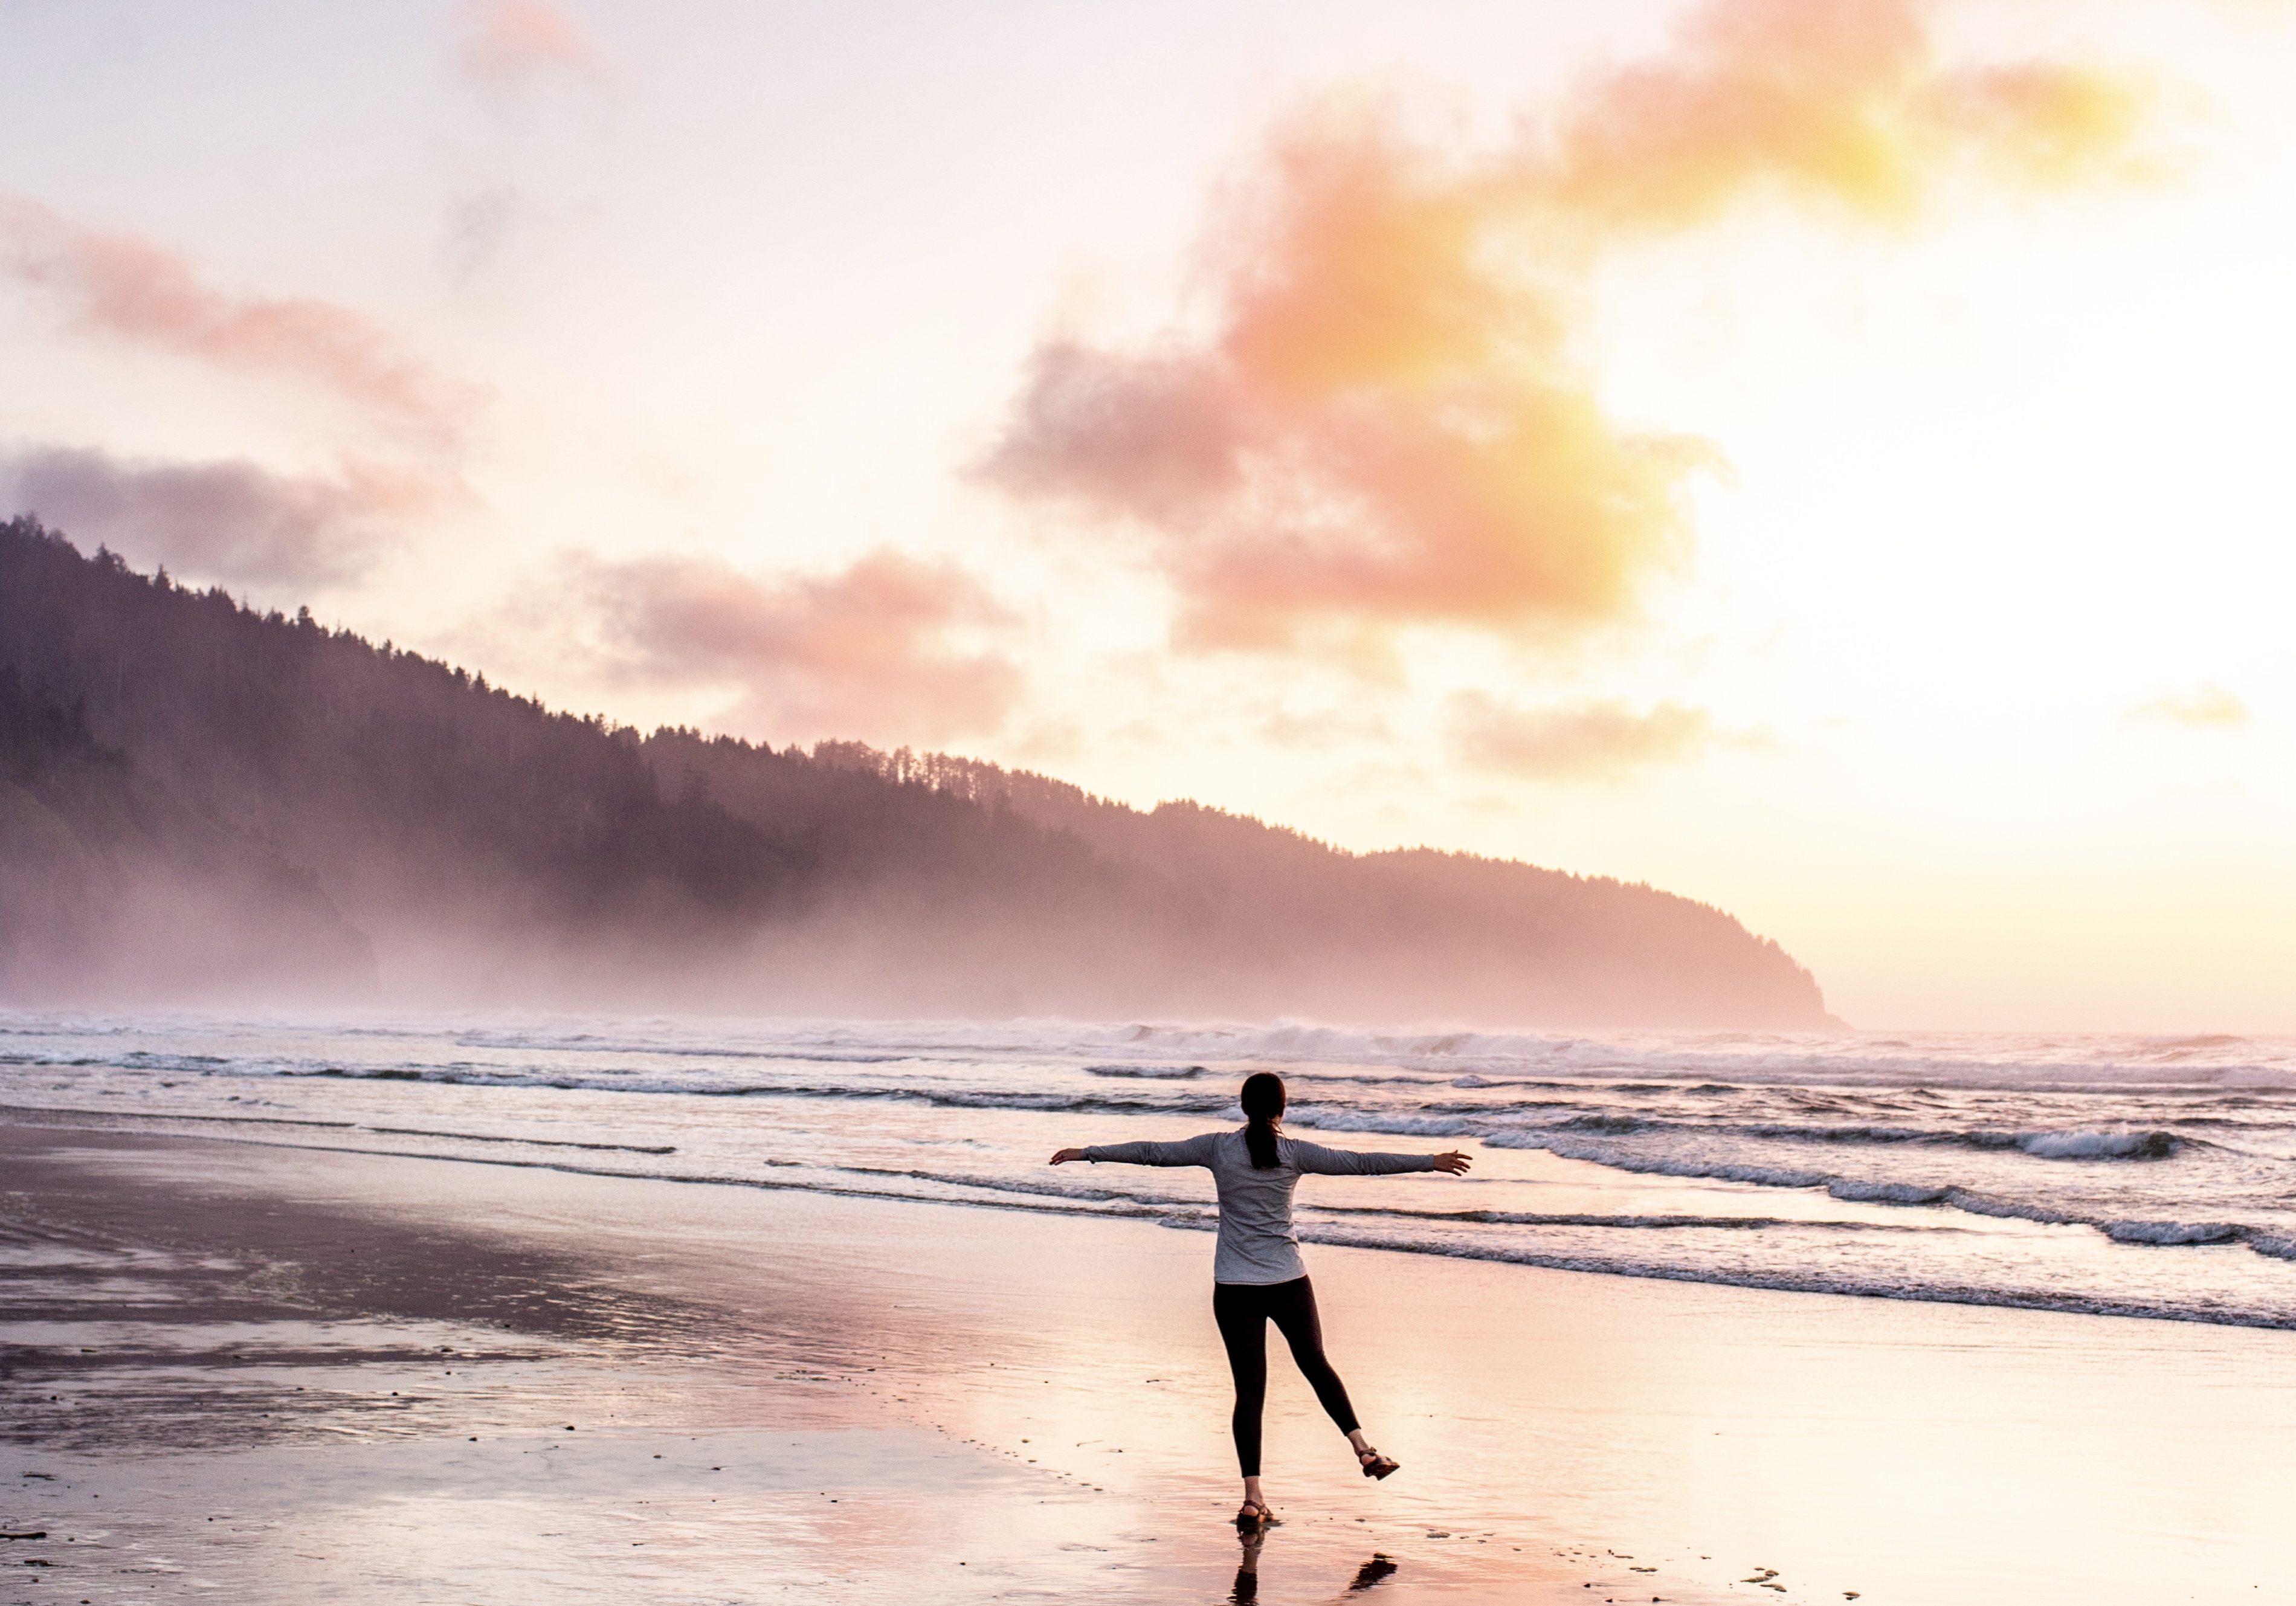 Oregon Coast Vlog | Things to do Oregon Coast | Oregon Coast Hiking | Oregon Camping | Oregon Coffee | Tillamook Oregon